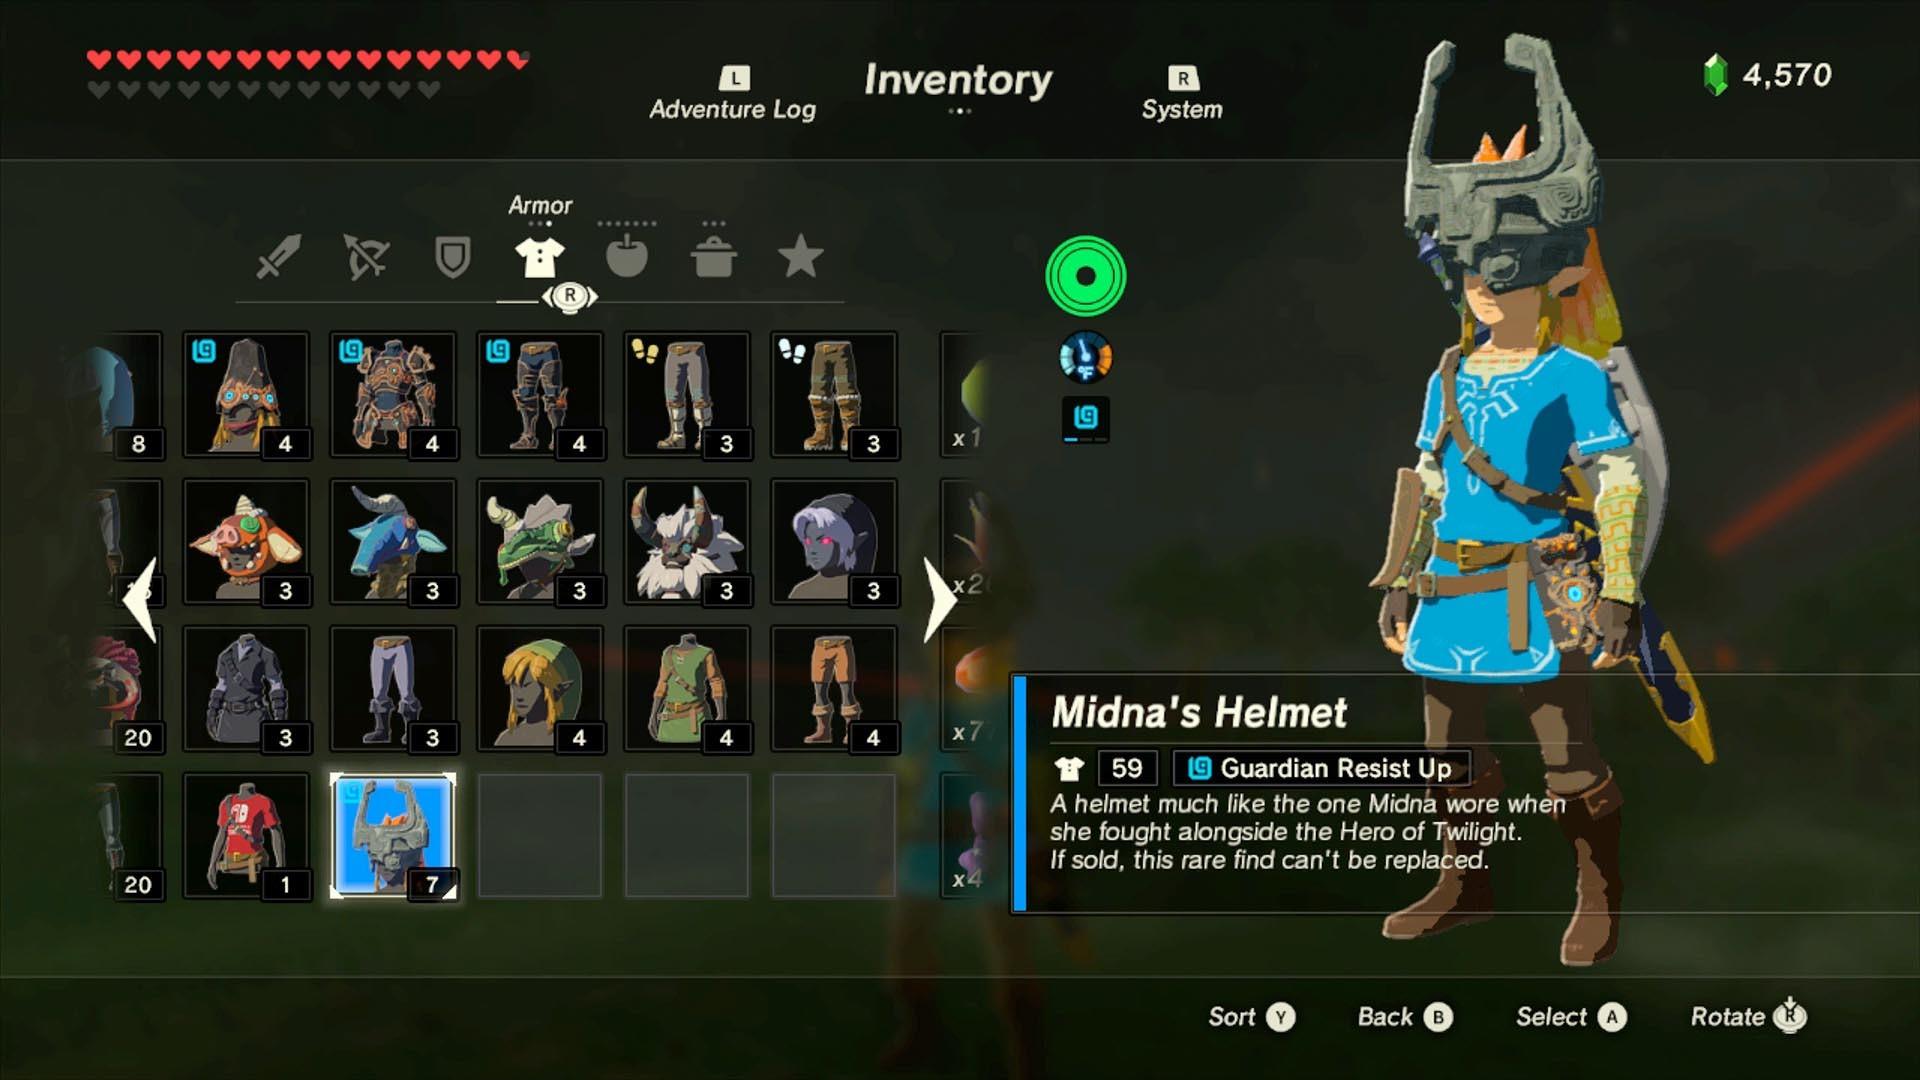 Midna's Helmet stats and description.